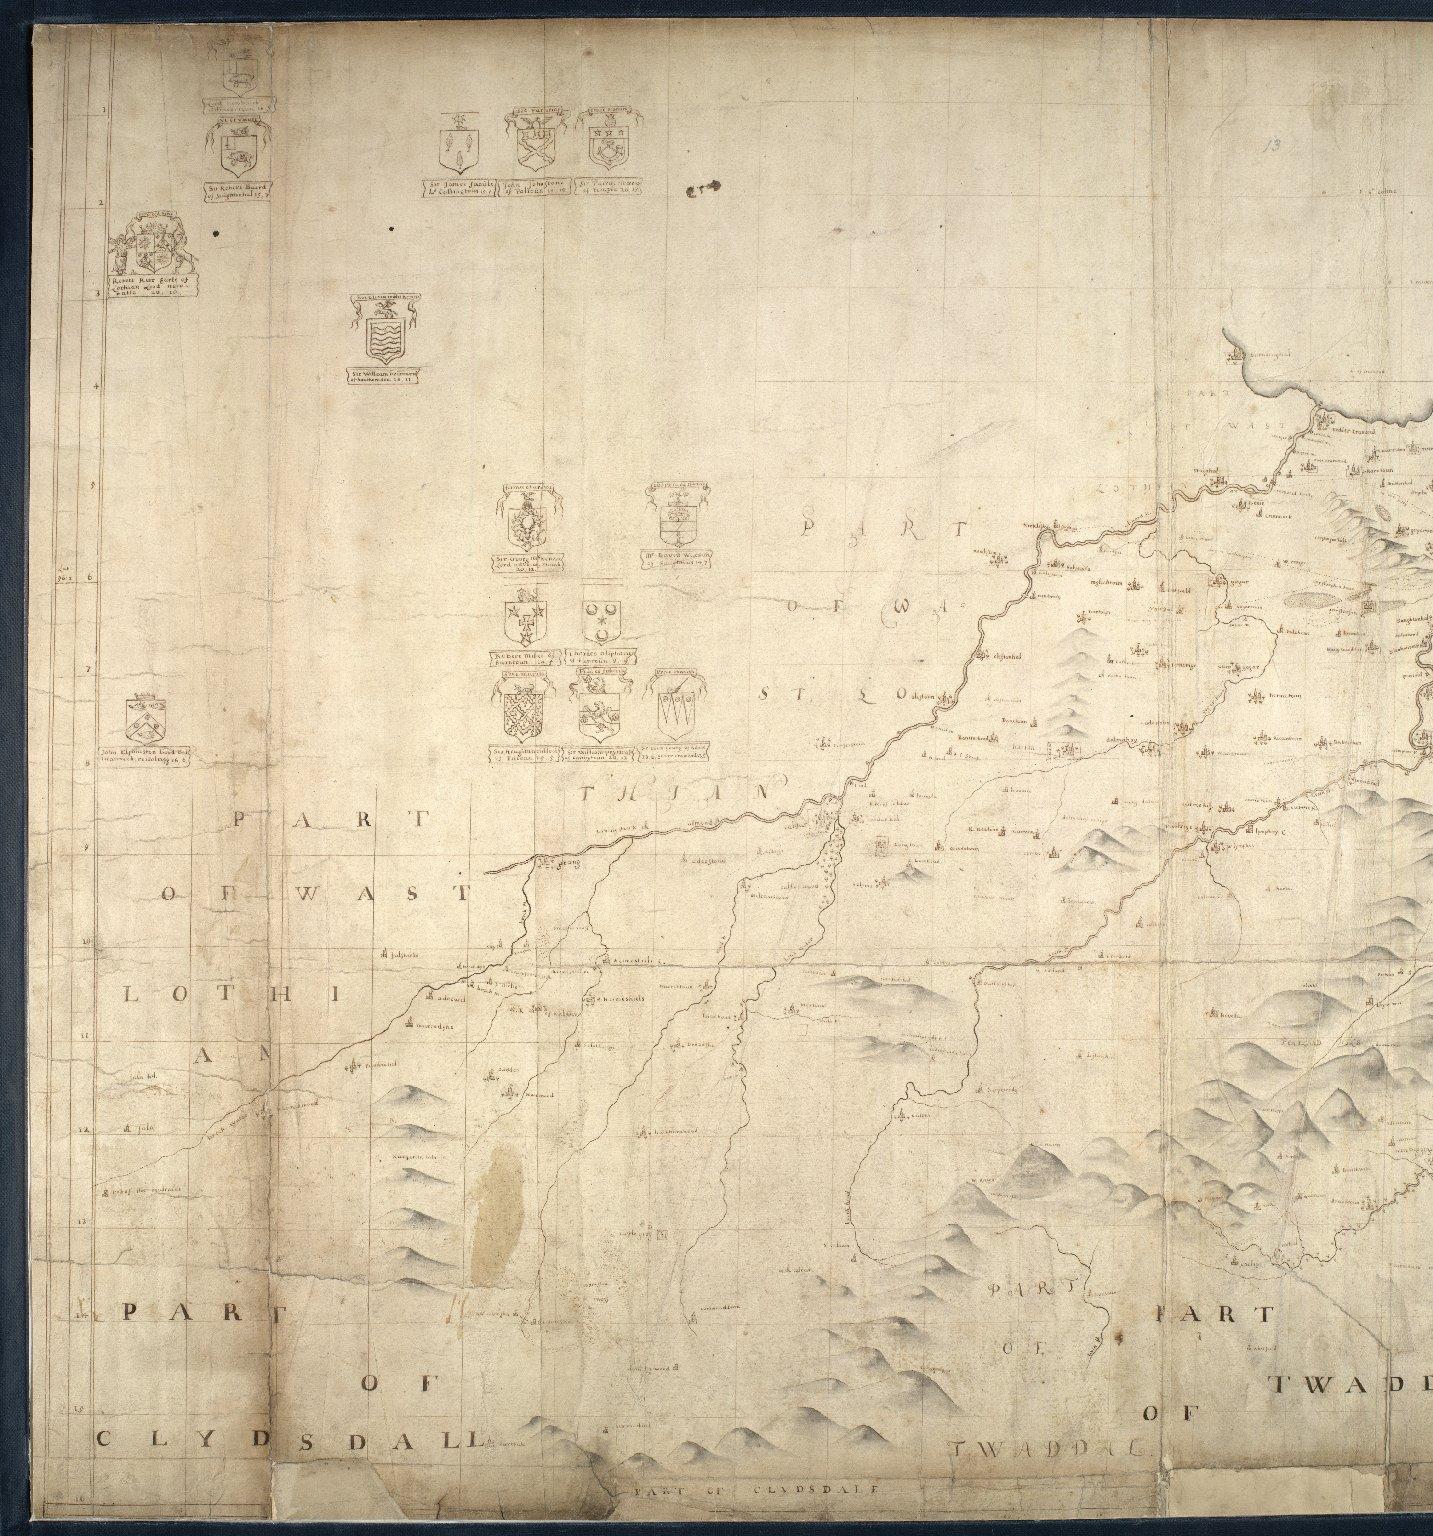 [Map of Midlothian] [2 of 2]